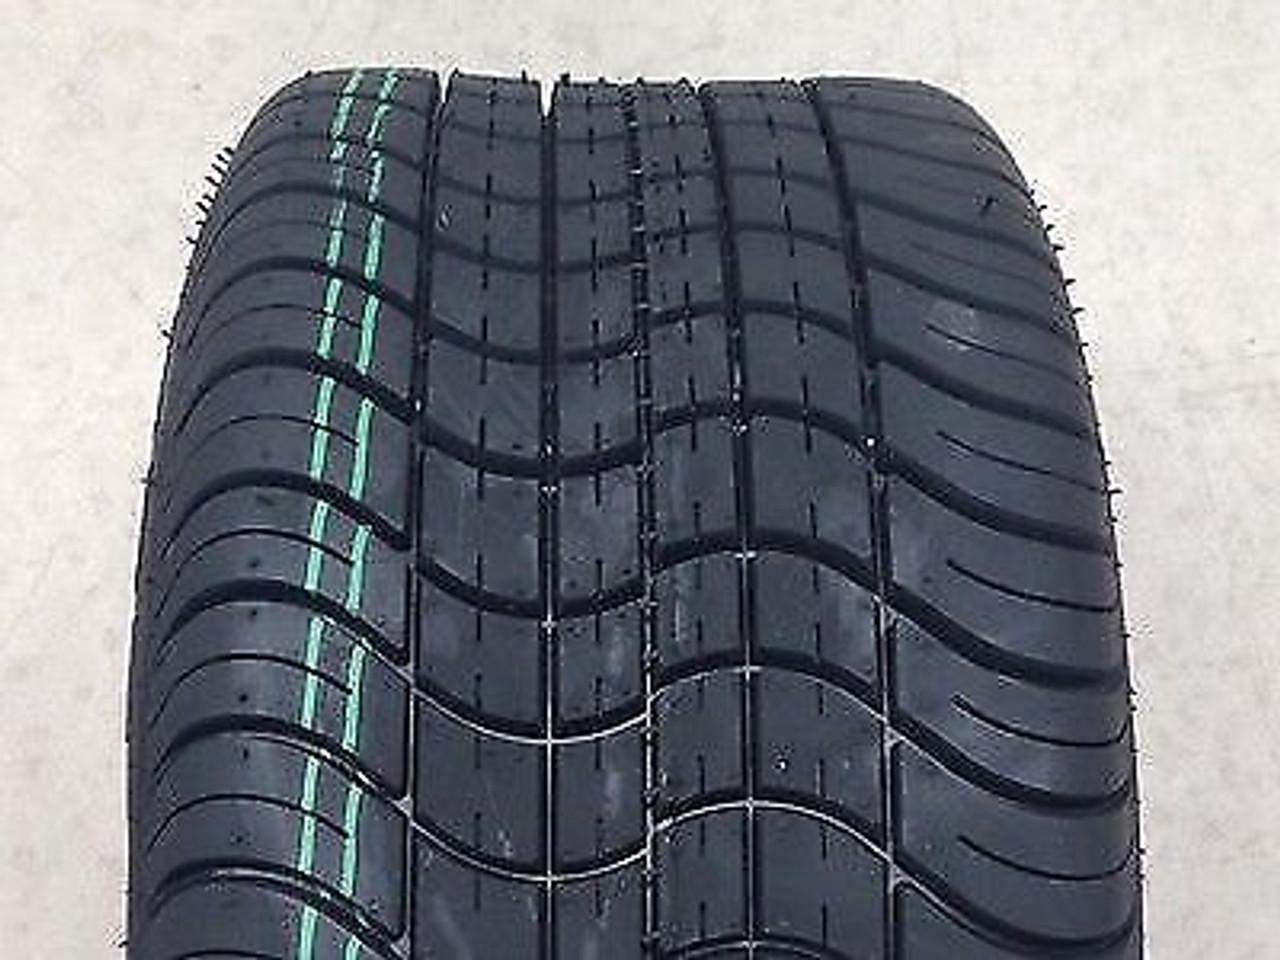 New Tire 205 50 10 OTR FAIRWAY MASTER 4 ply Golf Cart TR823 205/50-10 205/50D10 SIL